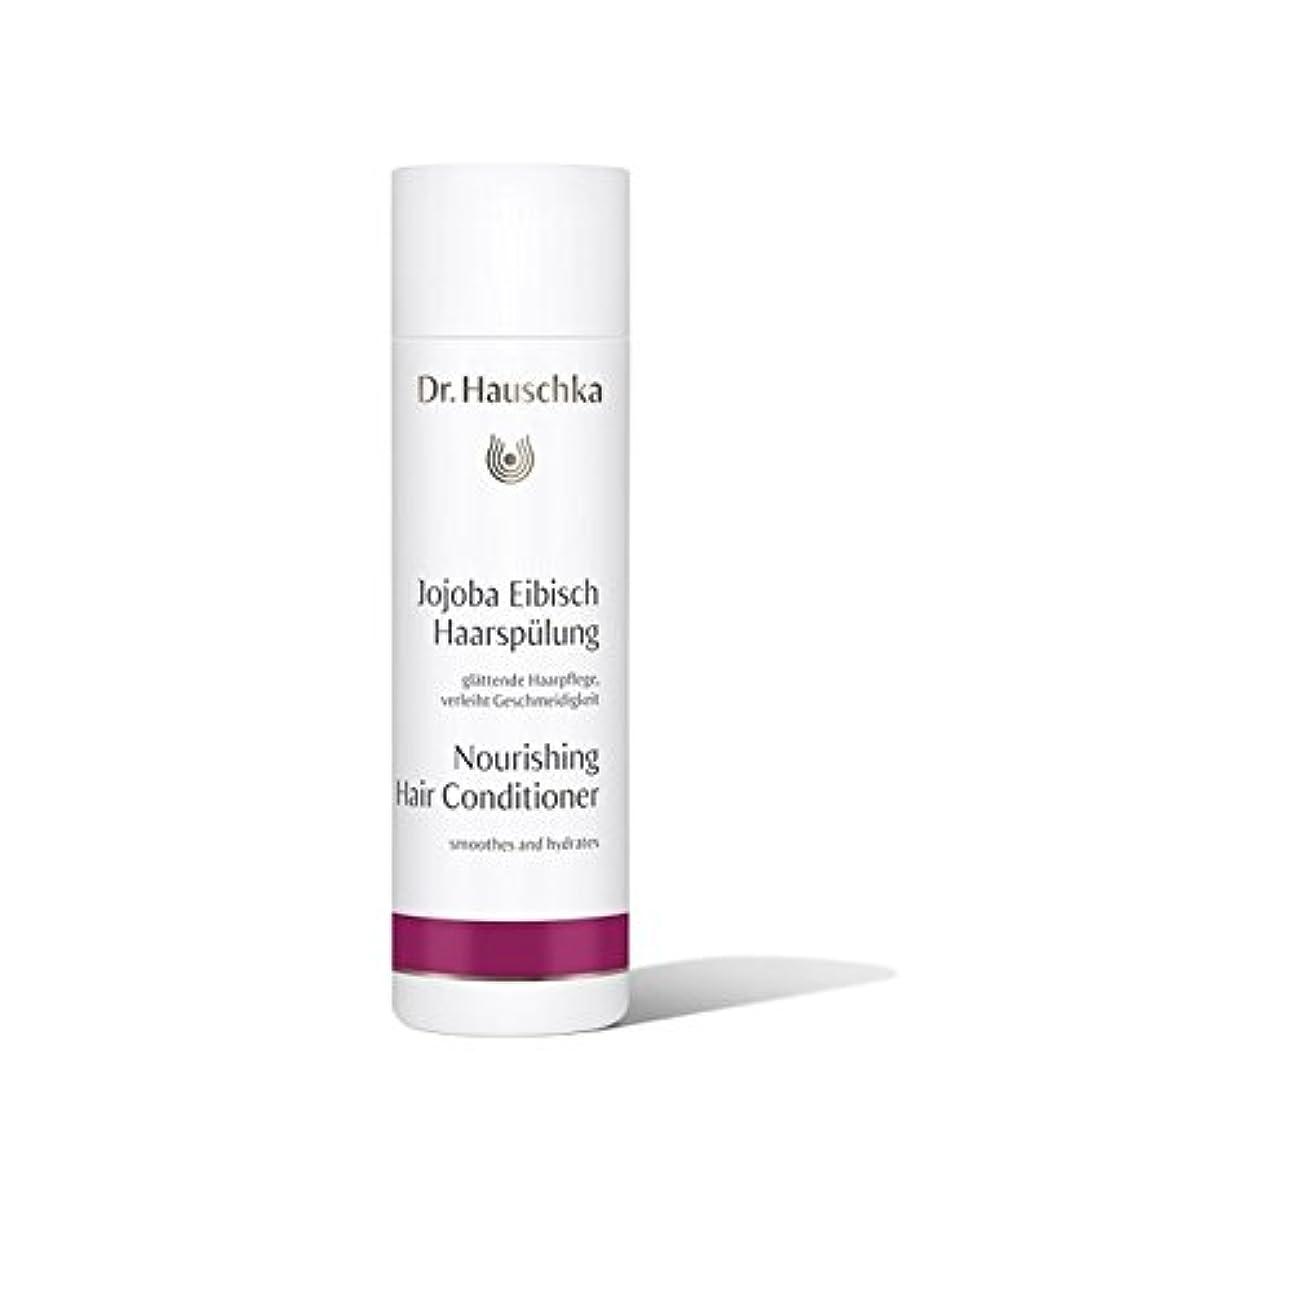 リフト相続人チラチラするハウシュカ栄養ヘアコンディショナー(200ミリリットル) x4 - Dr. Hauschka Nourishing Hair Conditioner (200ml) (Pack of 4) [並行輸入品]